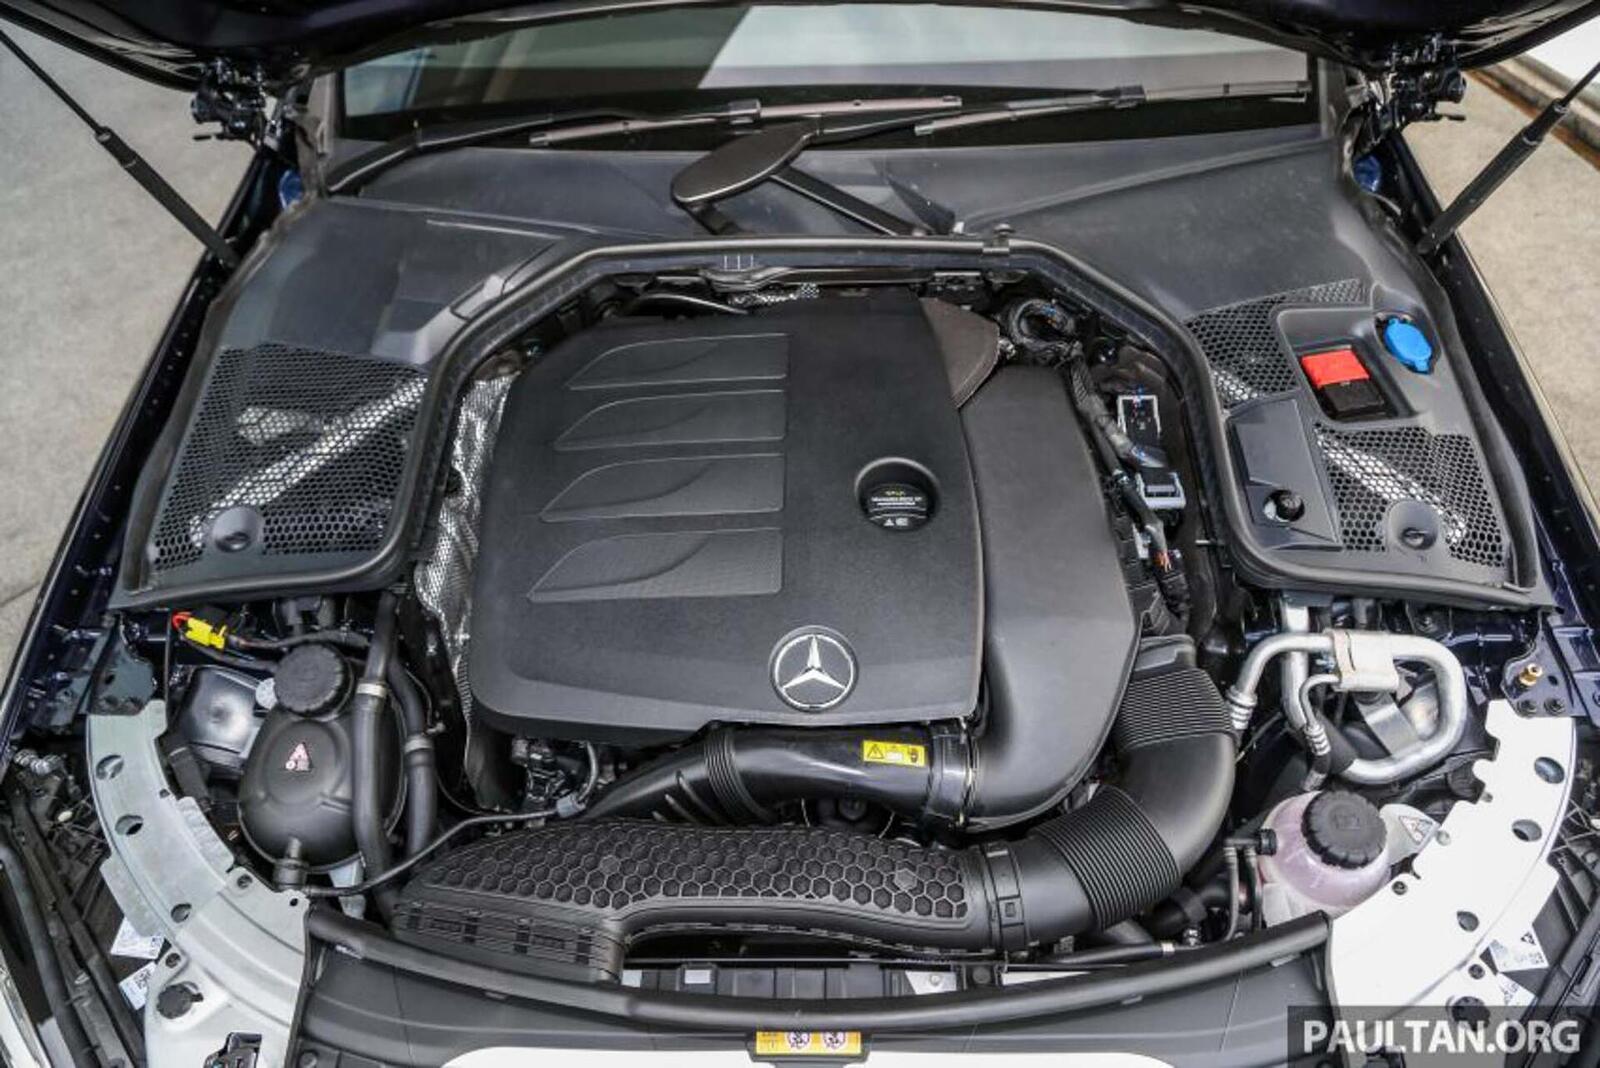 Sau Malaysia, Mercedes-Benz Việt Nam sắp sửa giới thiệu C-Class 2019? - Hình 7